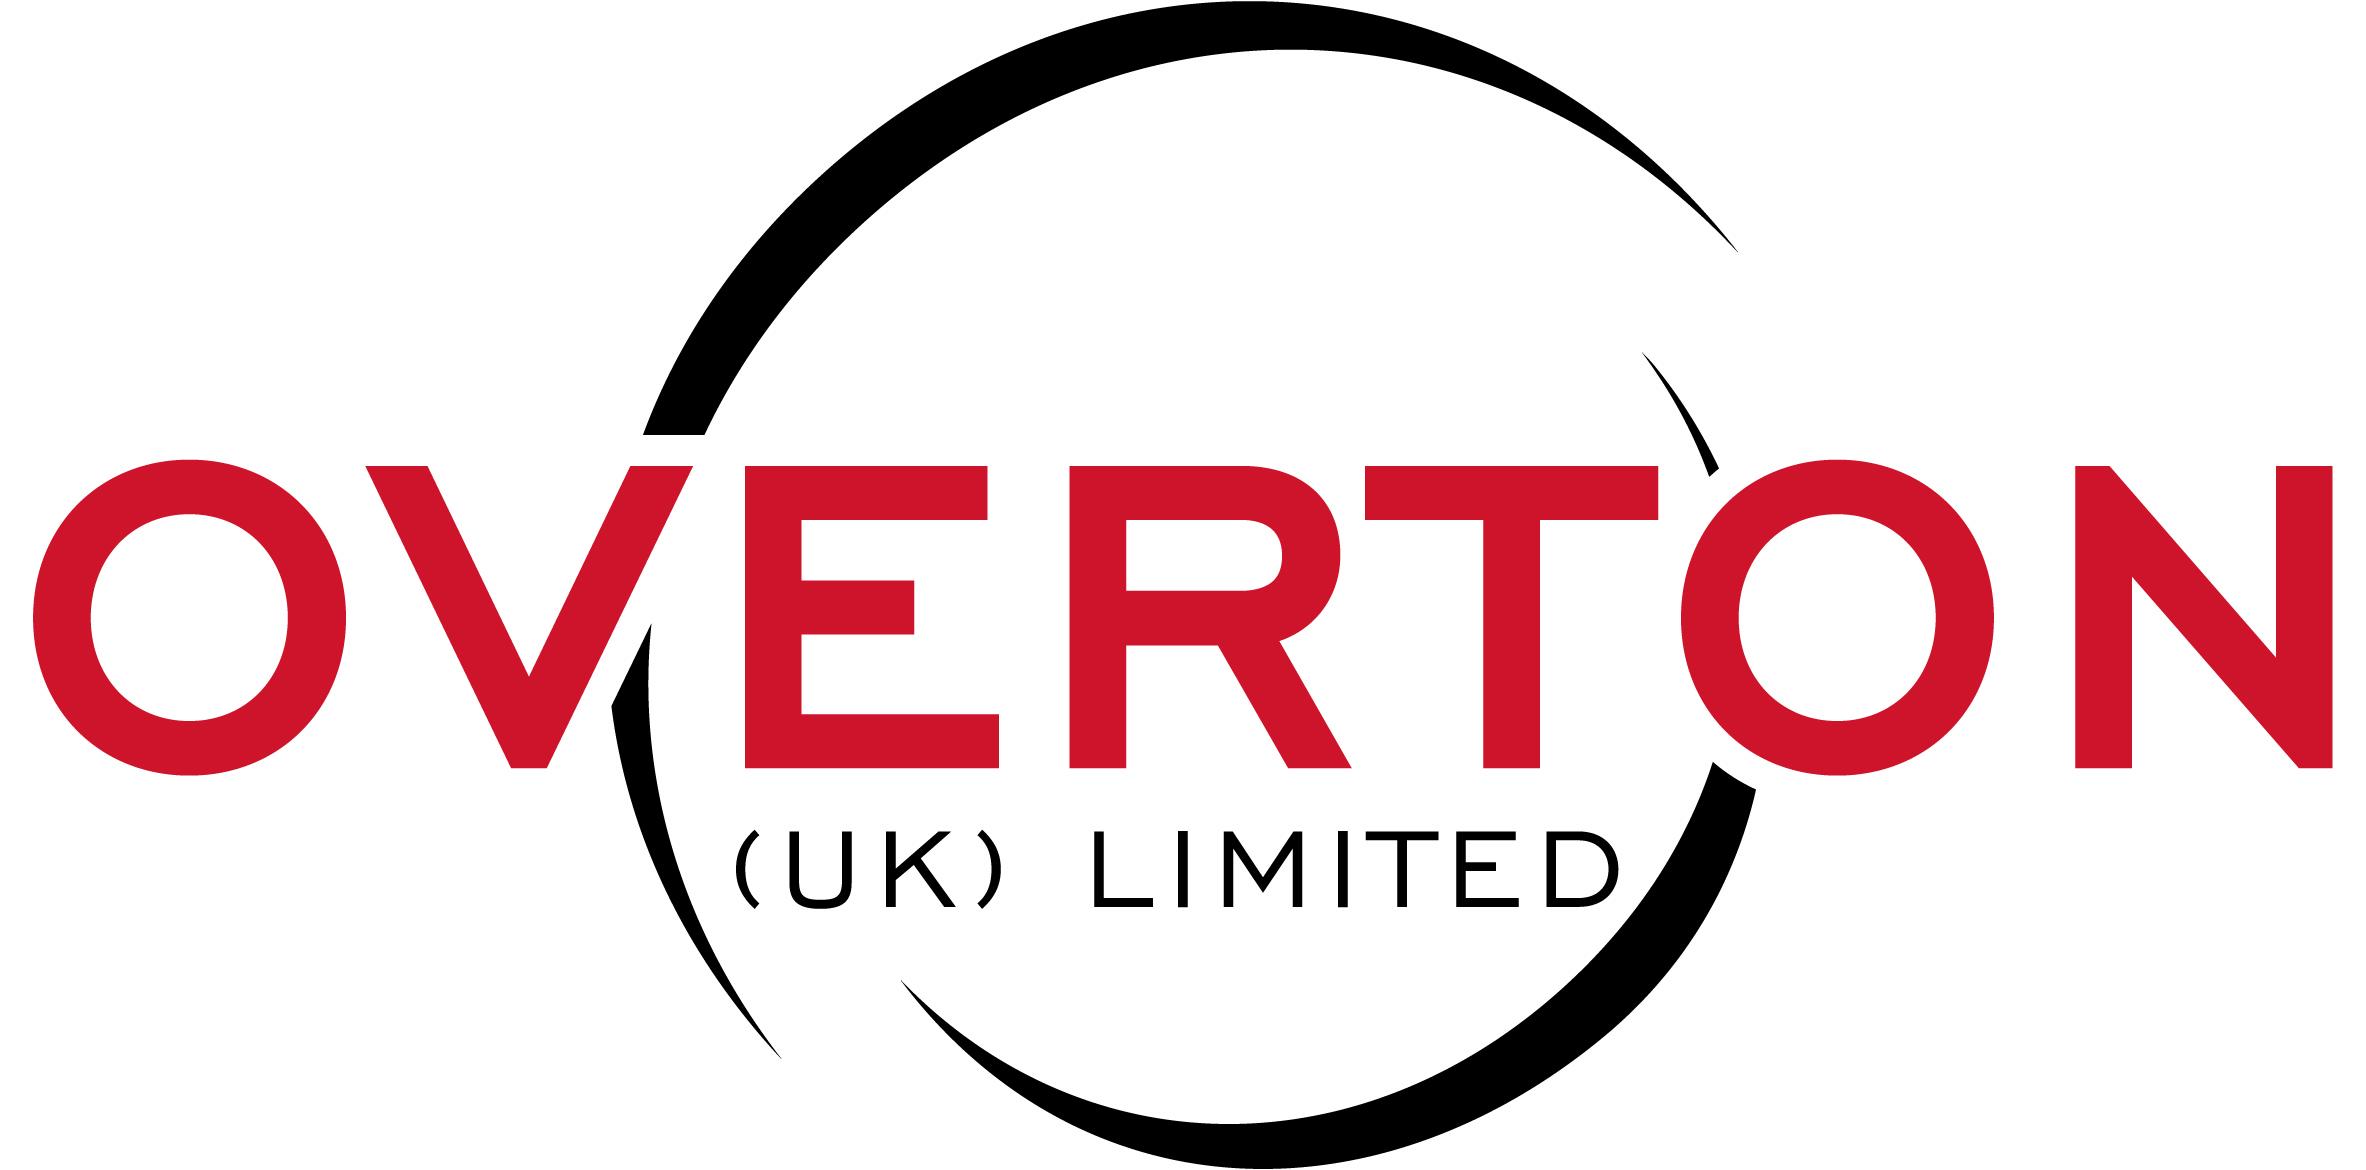 Overton (UK) Ltd